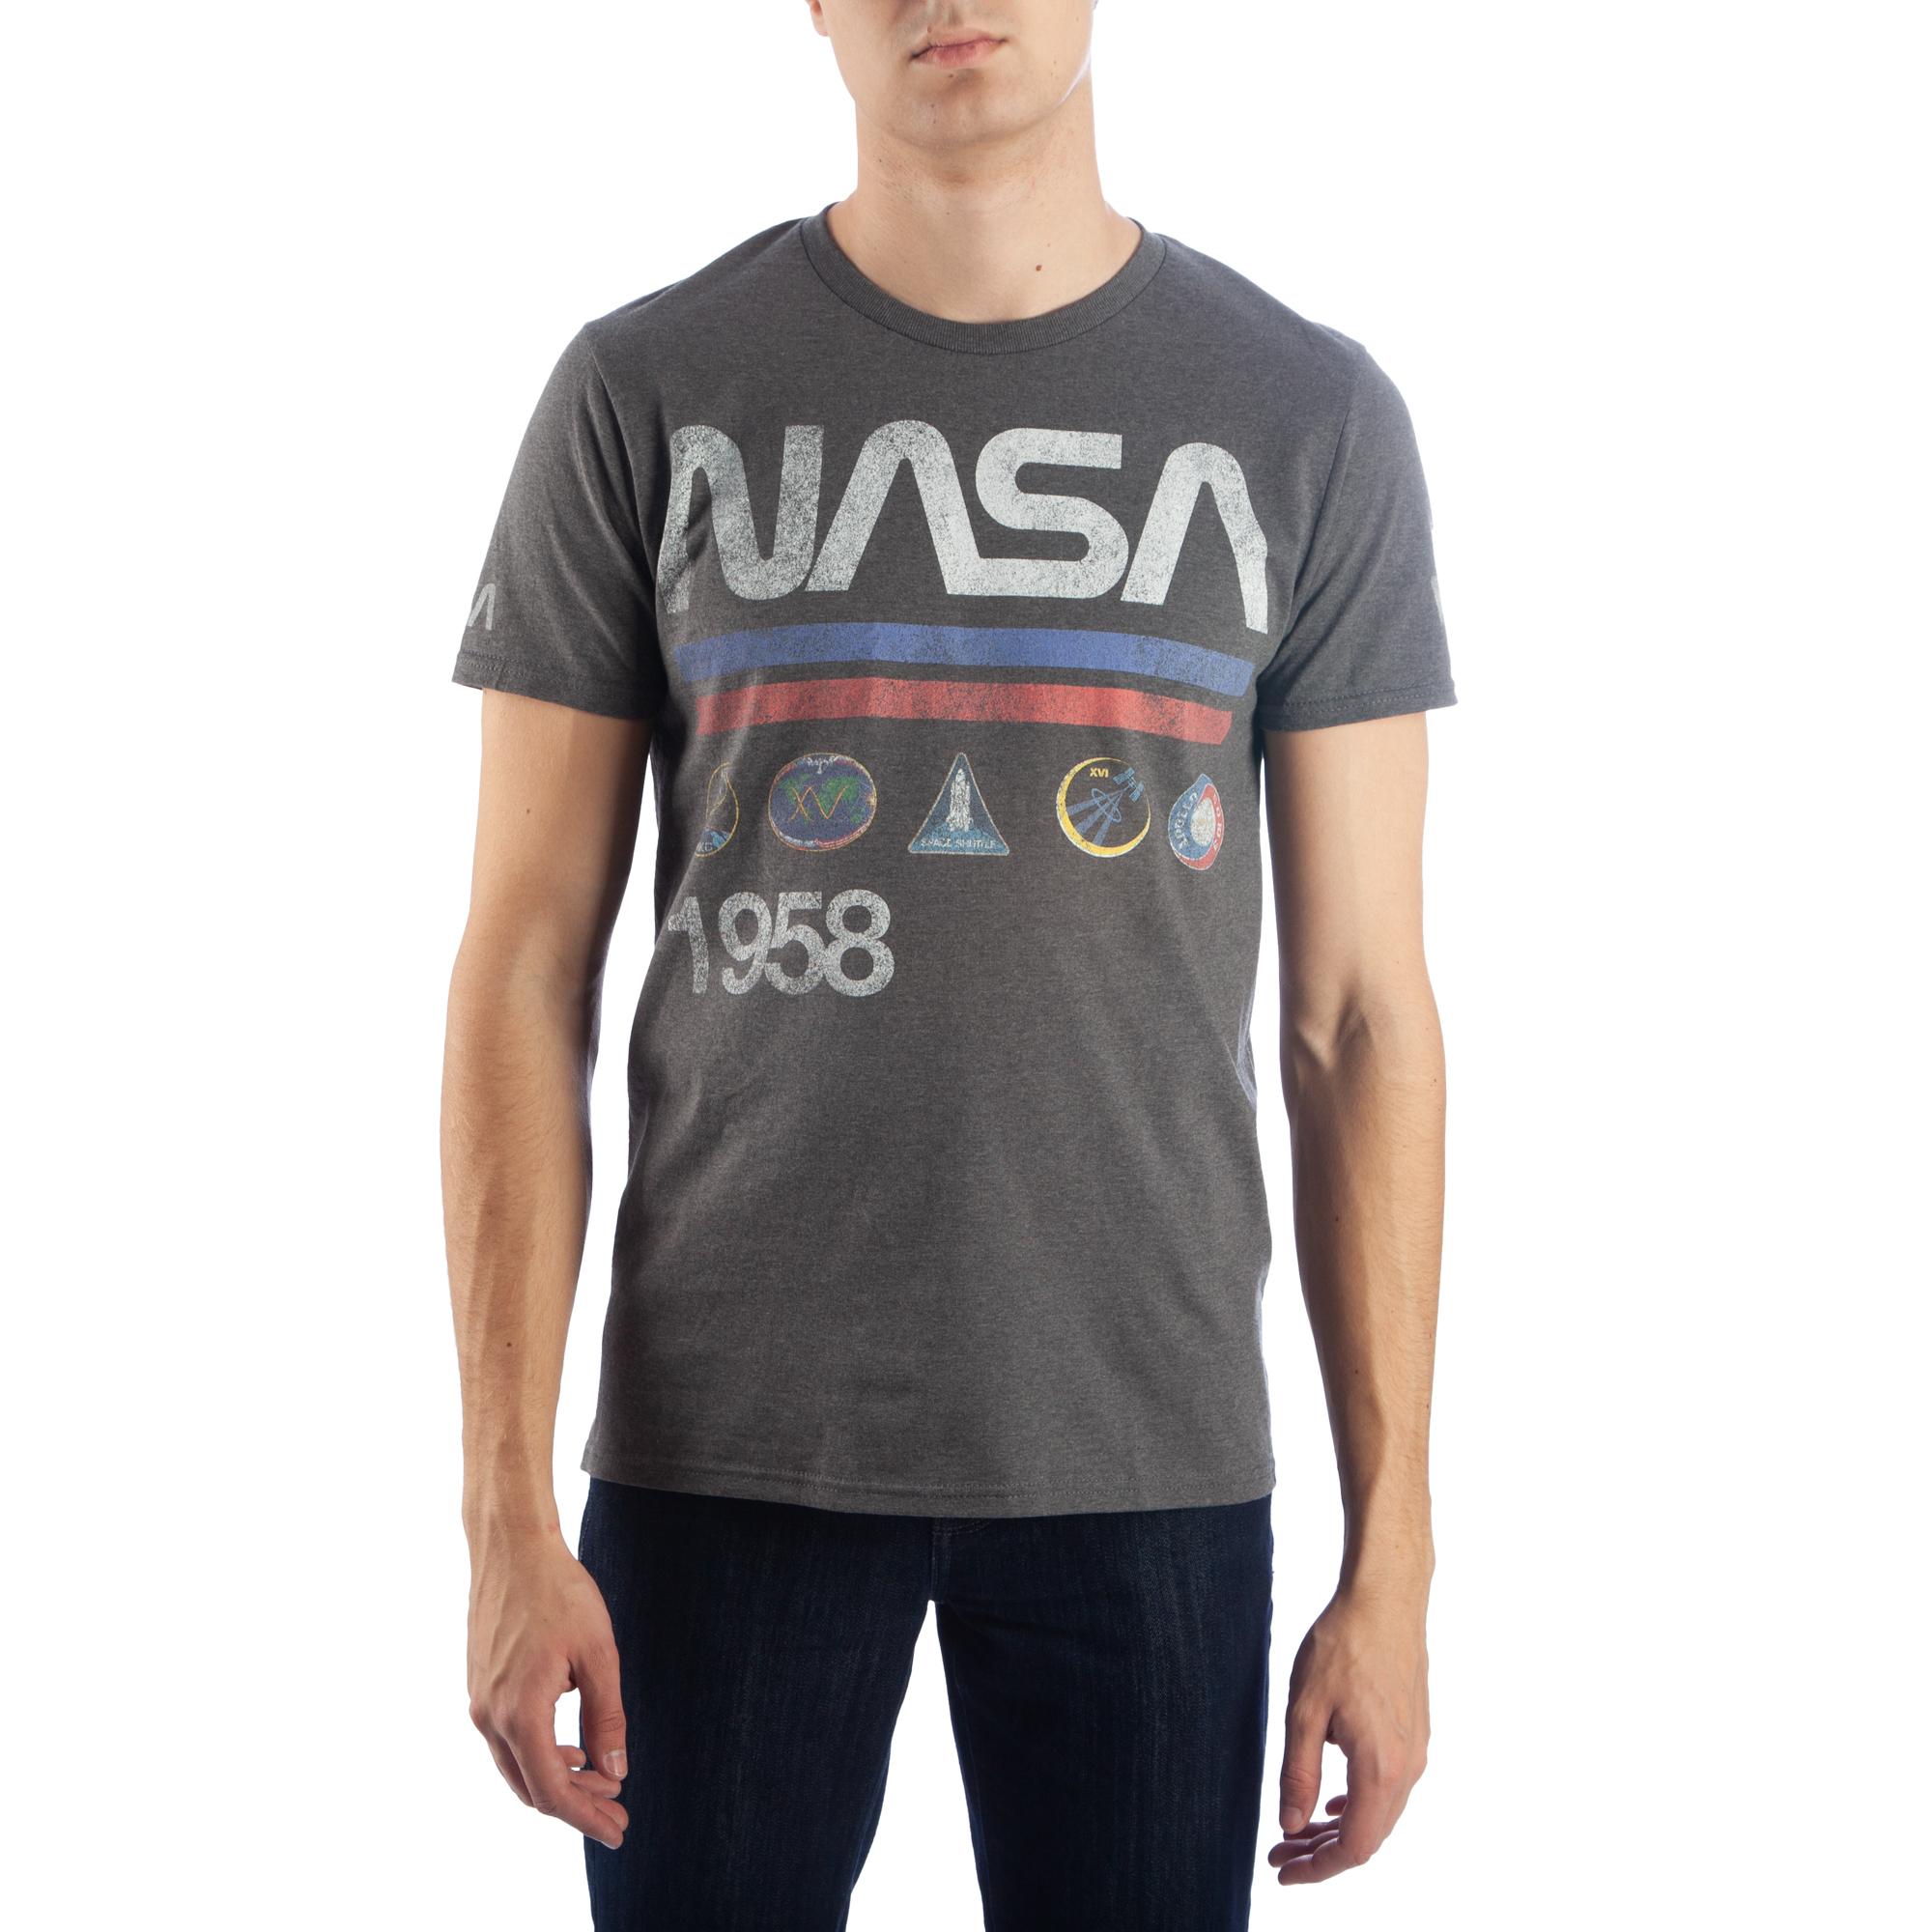 4fa56ffde Shirts T-Shirts | Mens | Clothing Accessories - Cracker Barrel